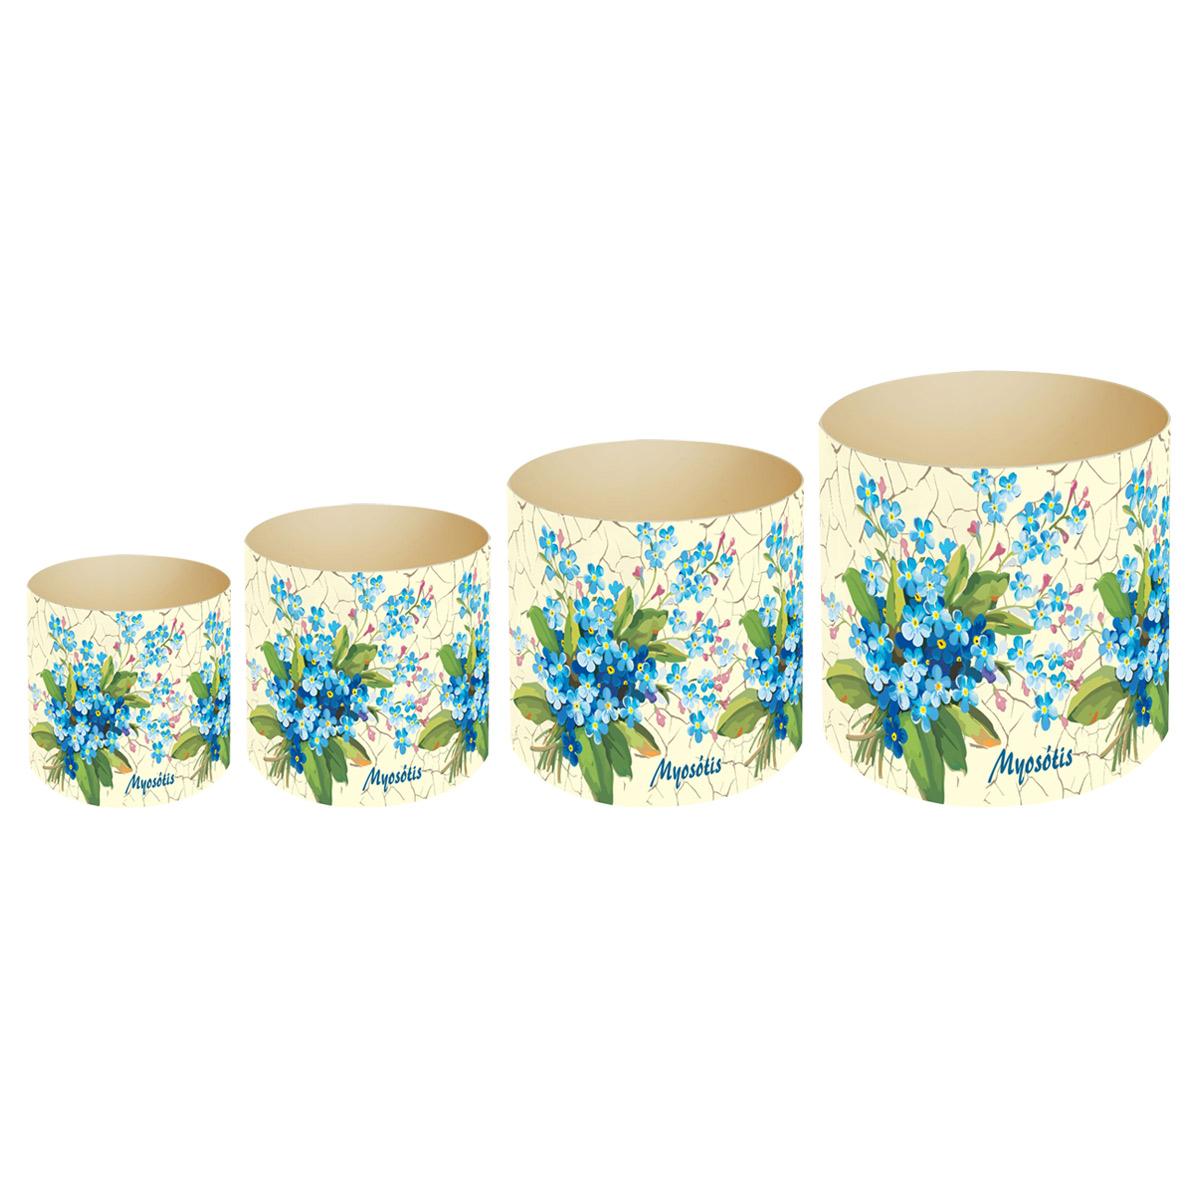 Набор горшков для цветов Miolla Прованс незабудки, со скрытым поддоном, 4 предметаSMG-SET11Набор Miolla Прованс незабудки состоит из 4 горшков со скрытыми поддонами. Горшки выполнены из пластика и декорированы цветочным рисунком. Изделия предназначены для цветов. Изделия оснащены специальными скрытыми поддонами. Диаметр горшков: 20,5 см, 16,5 см, 13,5 см, 11,5 см. Высота горшков (с учетом поддона): 19 см, 16 см, 13,5 см, 11,5 см. Объем горшков: 1 л, 1,7 л, 2,8 л, 5,1 л.